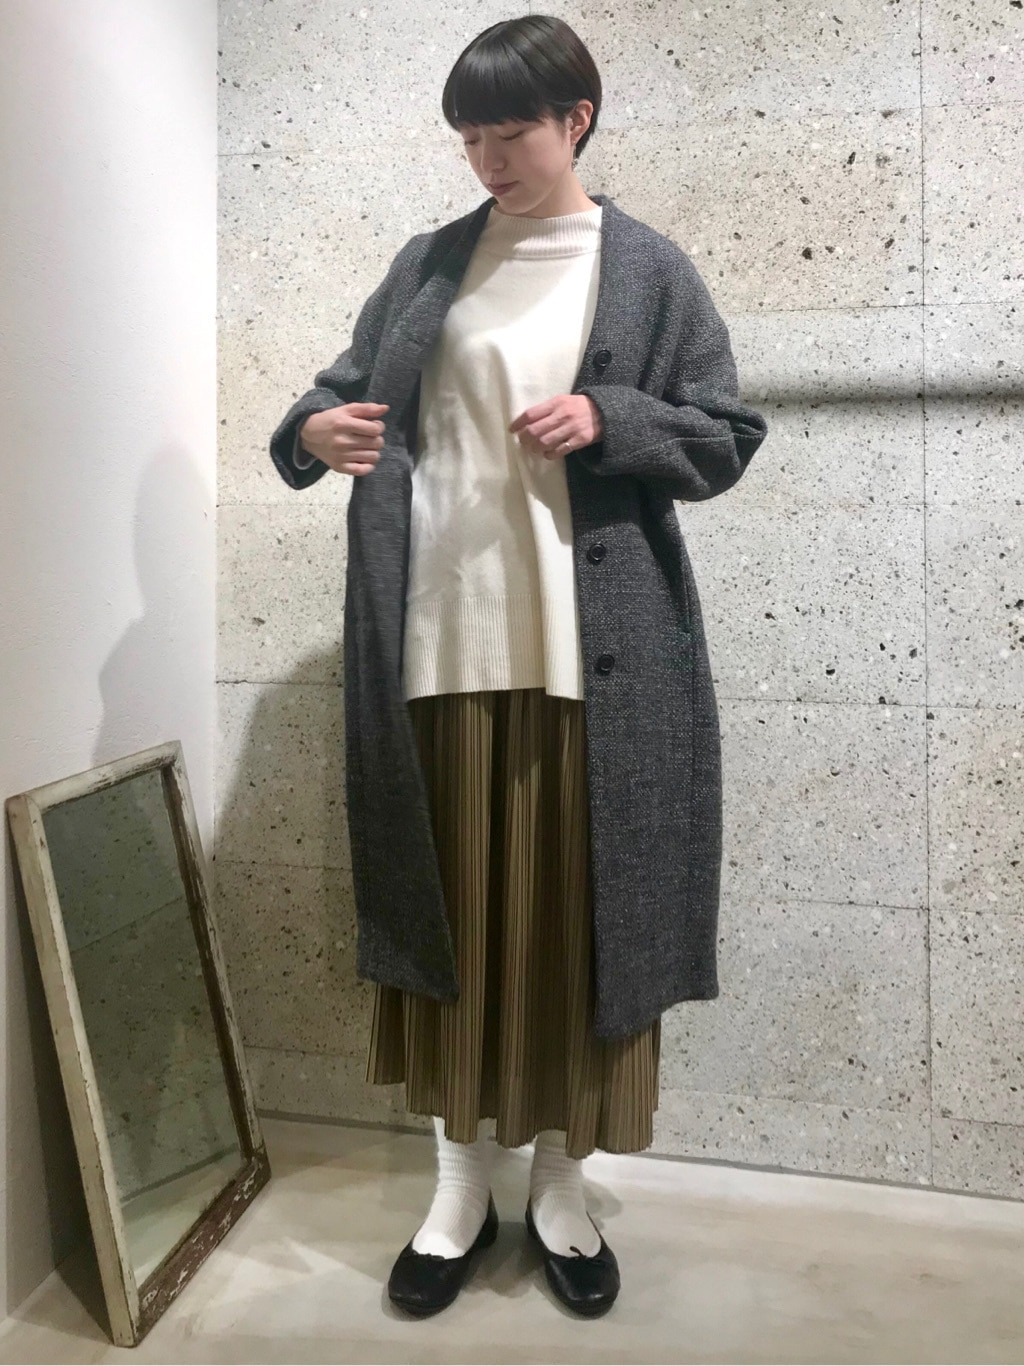 yuni ニュウマン横浜 身長:166cm 2021.01.08